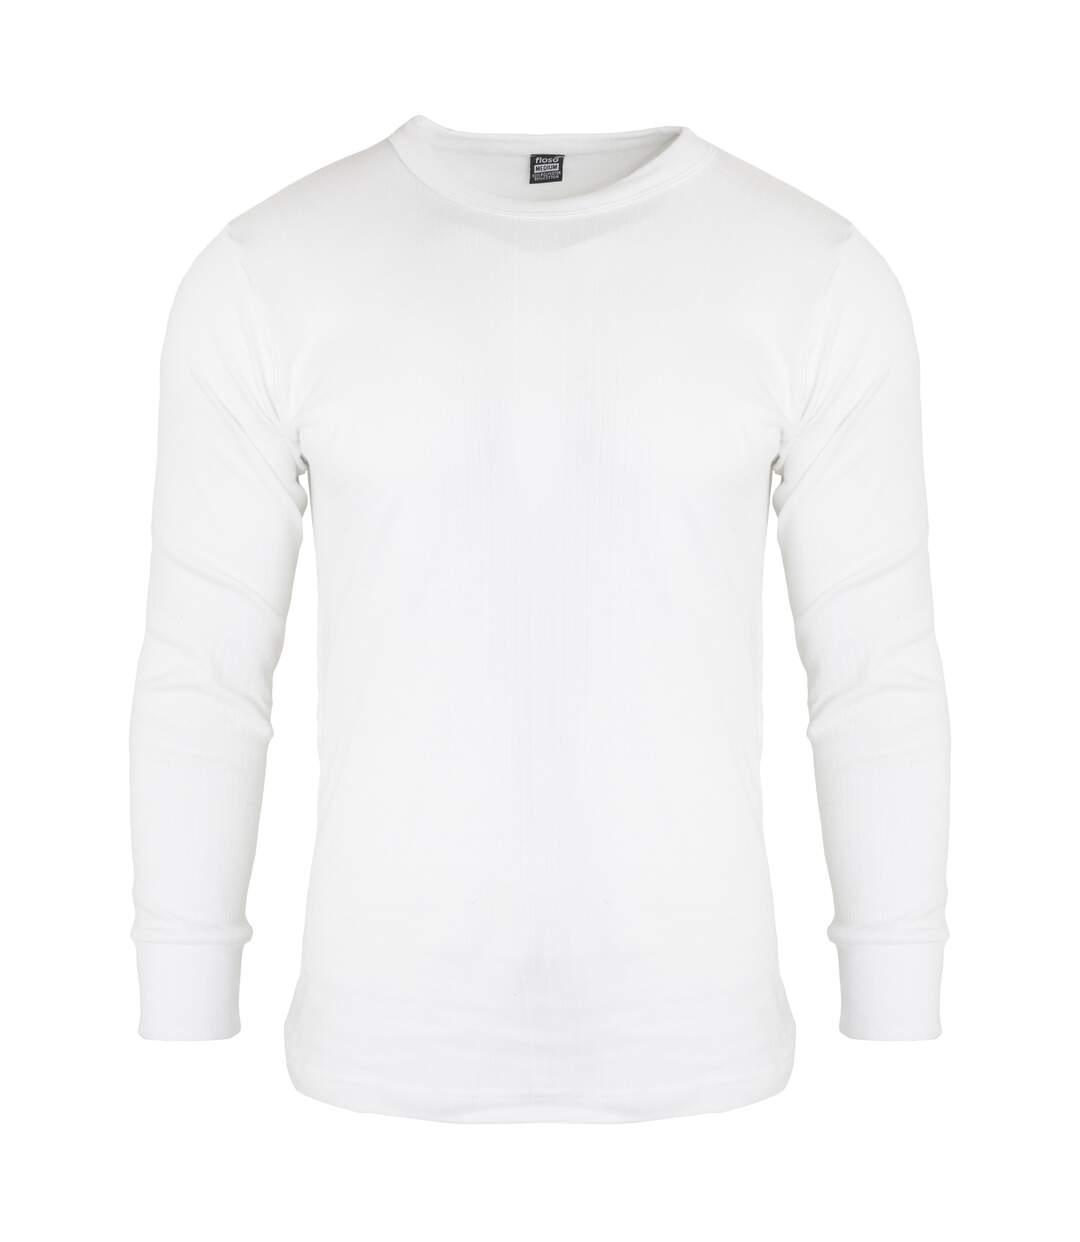 FLOSO - T-shirt thermique à manches longues - Homme (Blanc) - UTTHERM22